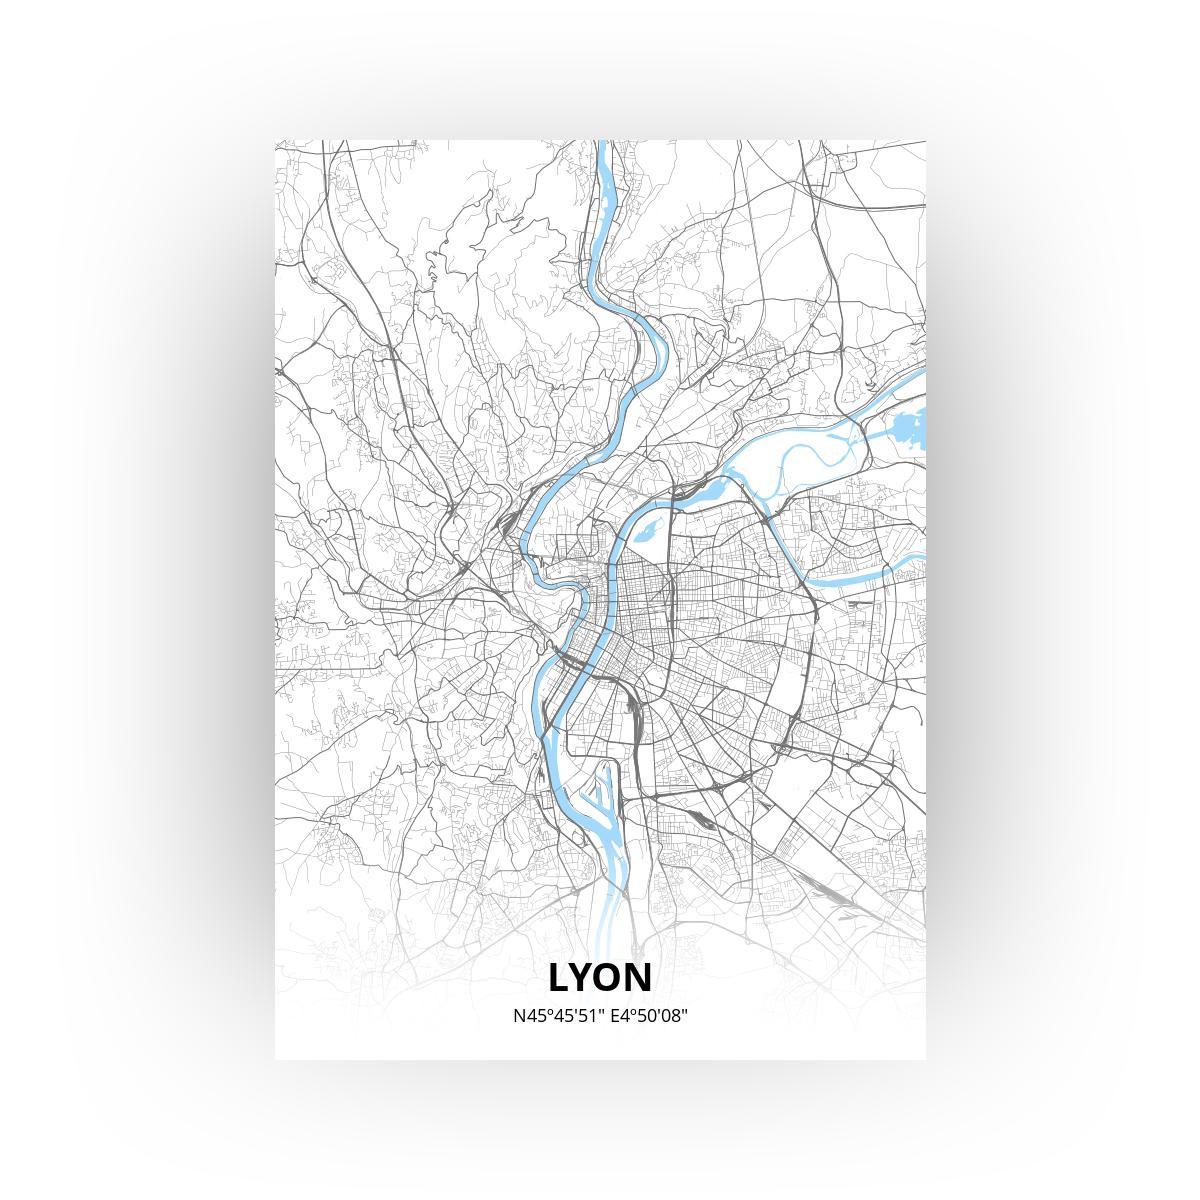 Lyon poster - Zelf aan te passen!